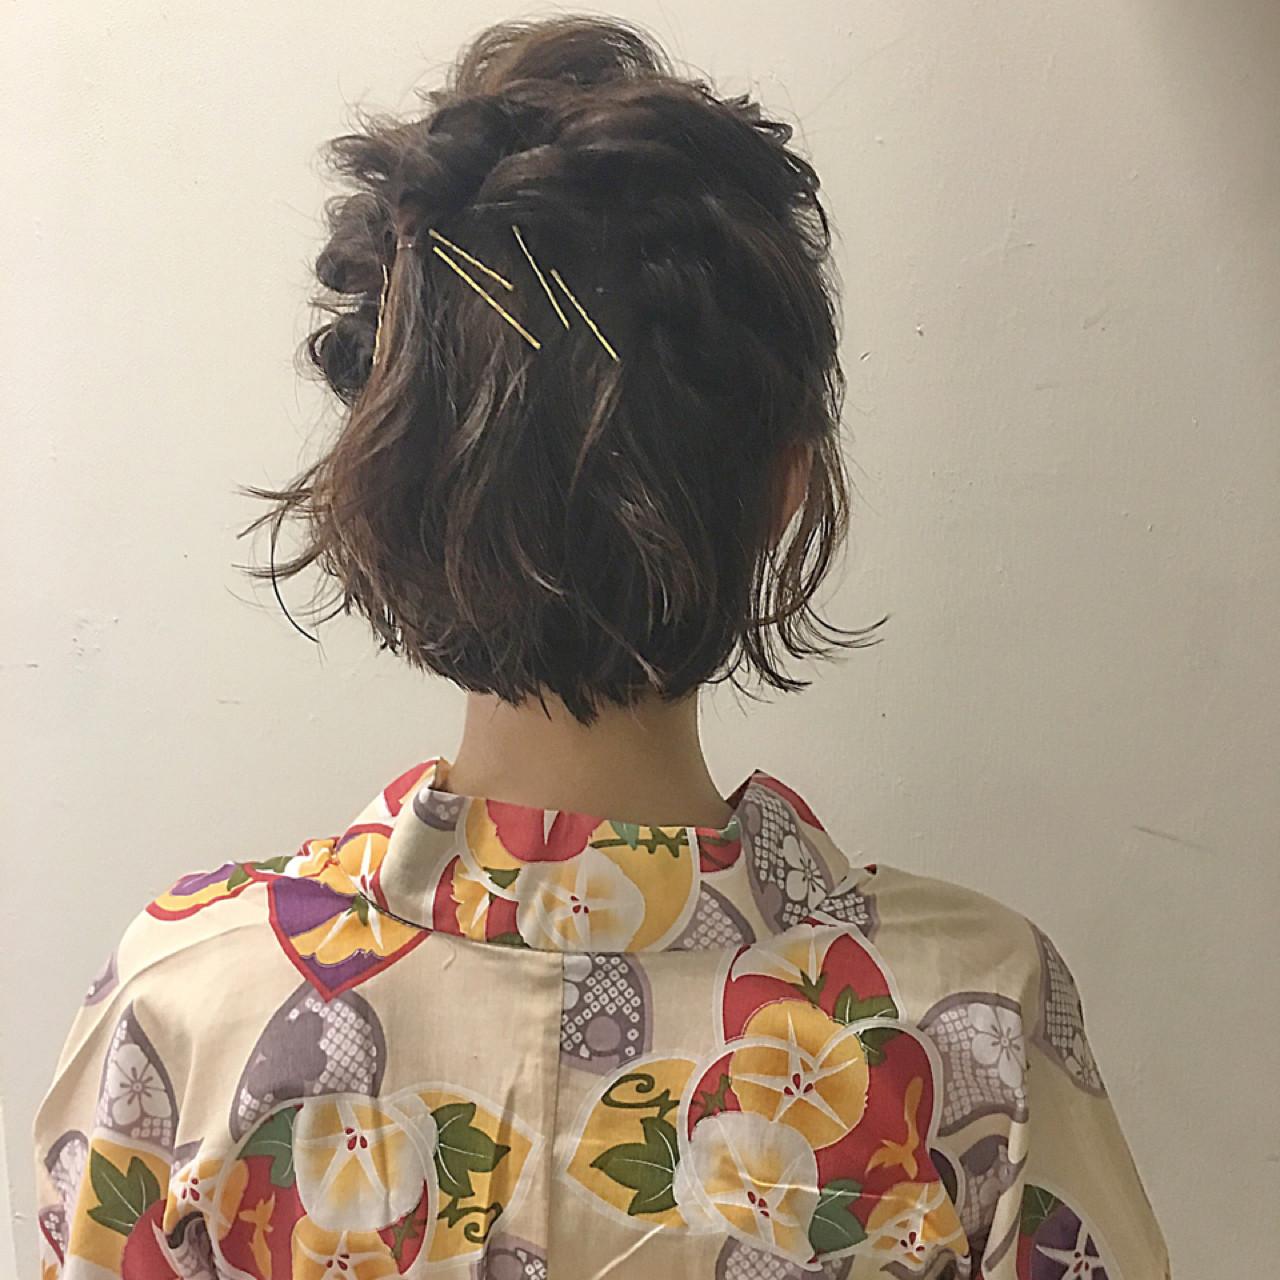 ナチュラル ショート 簡単ヘアアレンジ お祭り ヘアスタイルや髪型の写真・画像